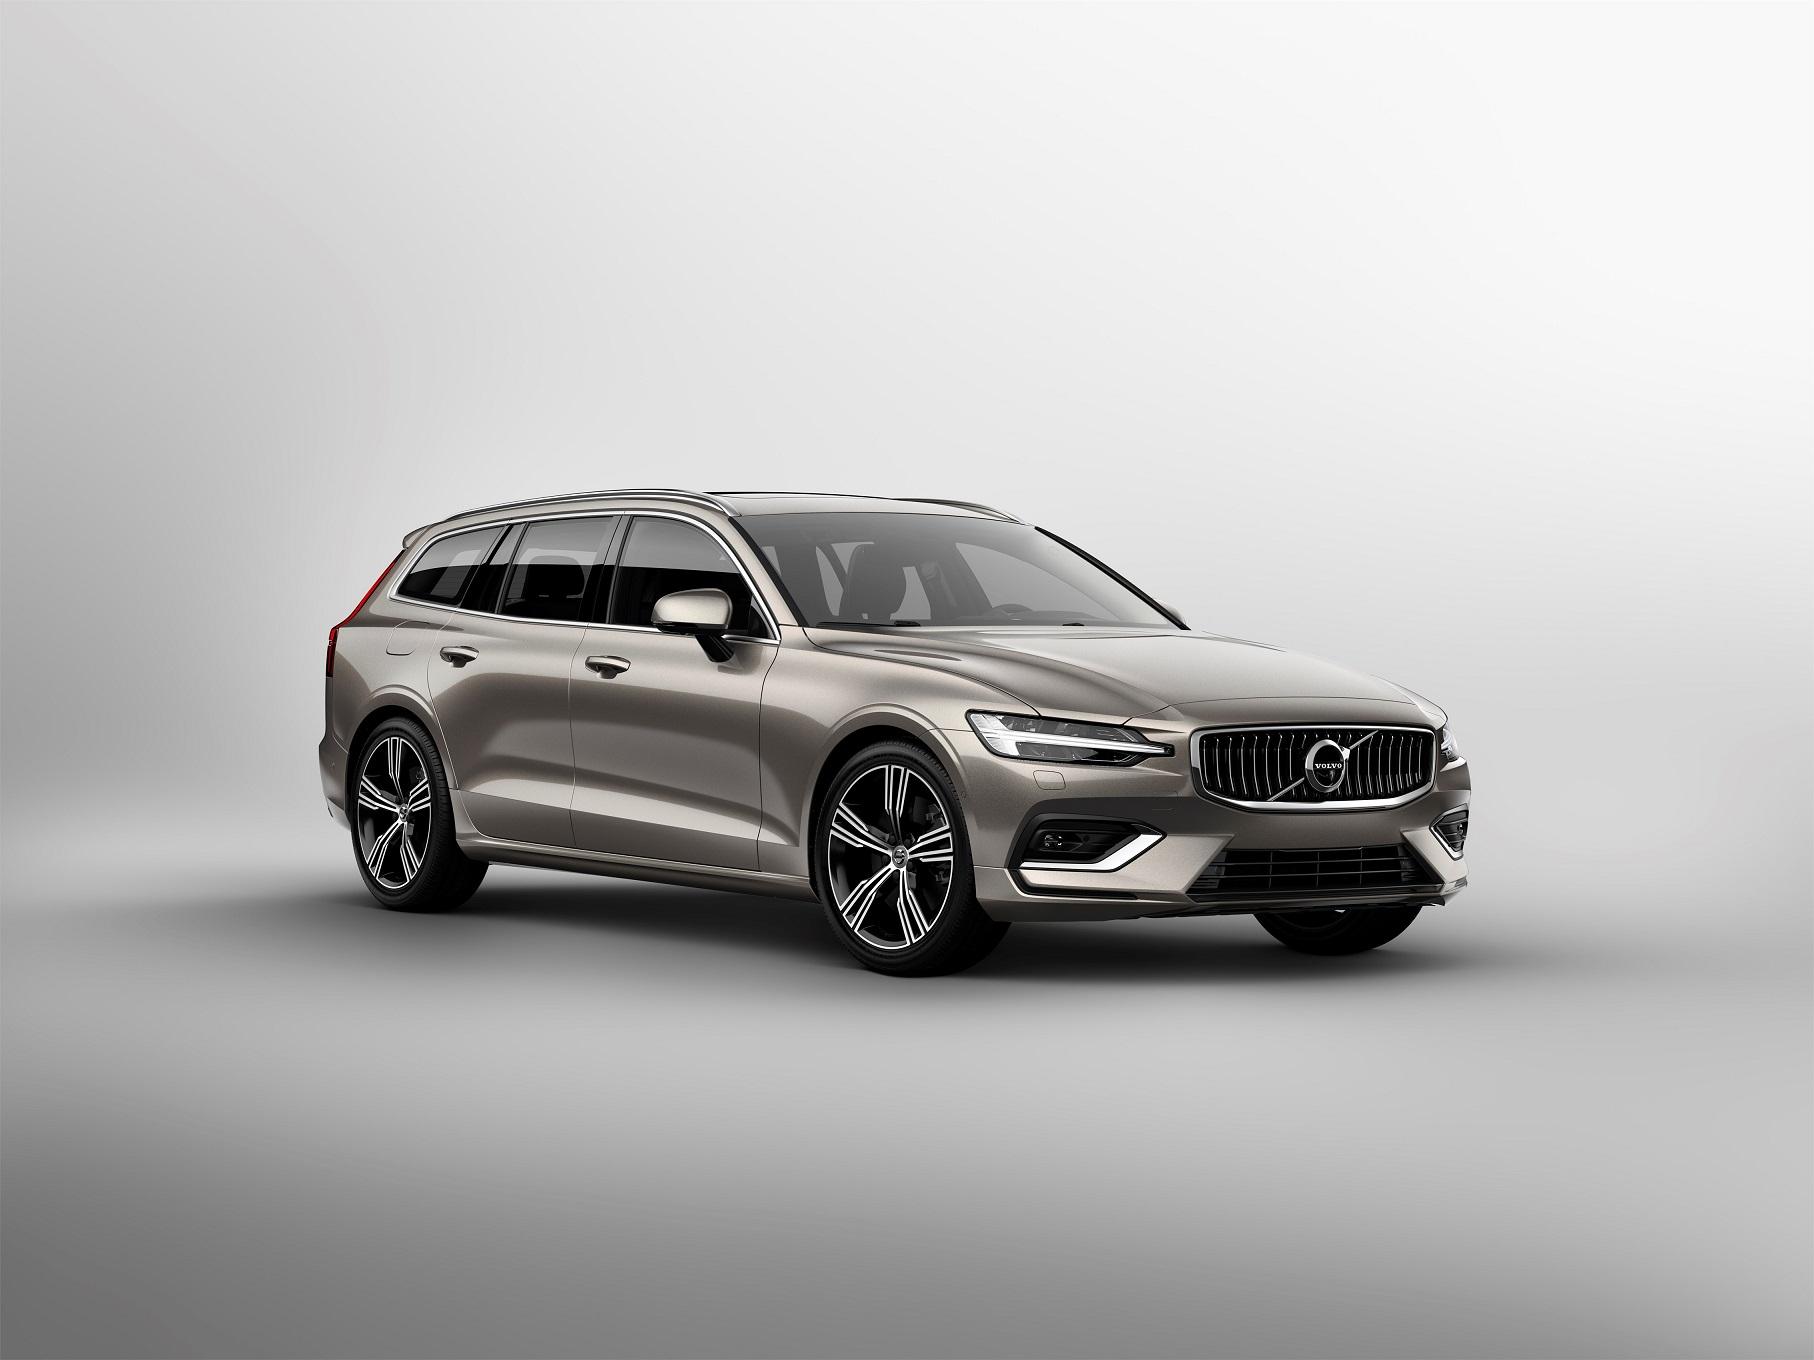 Volvo V60 2019: Embora gosto seja pessoal, algumas modinhas no design merecem destaque: seja o estilo dos carros chiques, ou a completa falta de noção dos carros bregas.